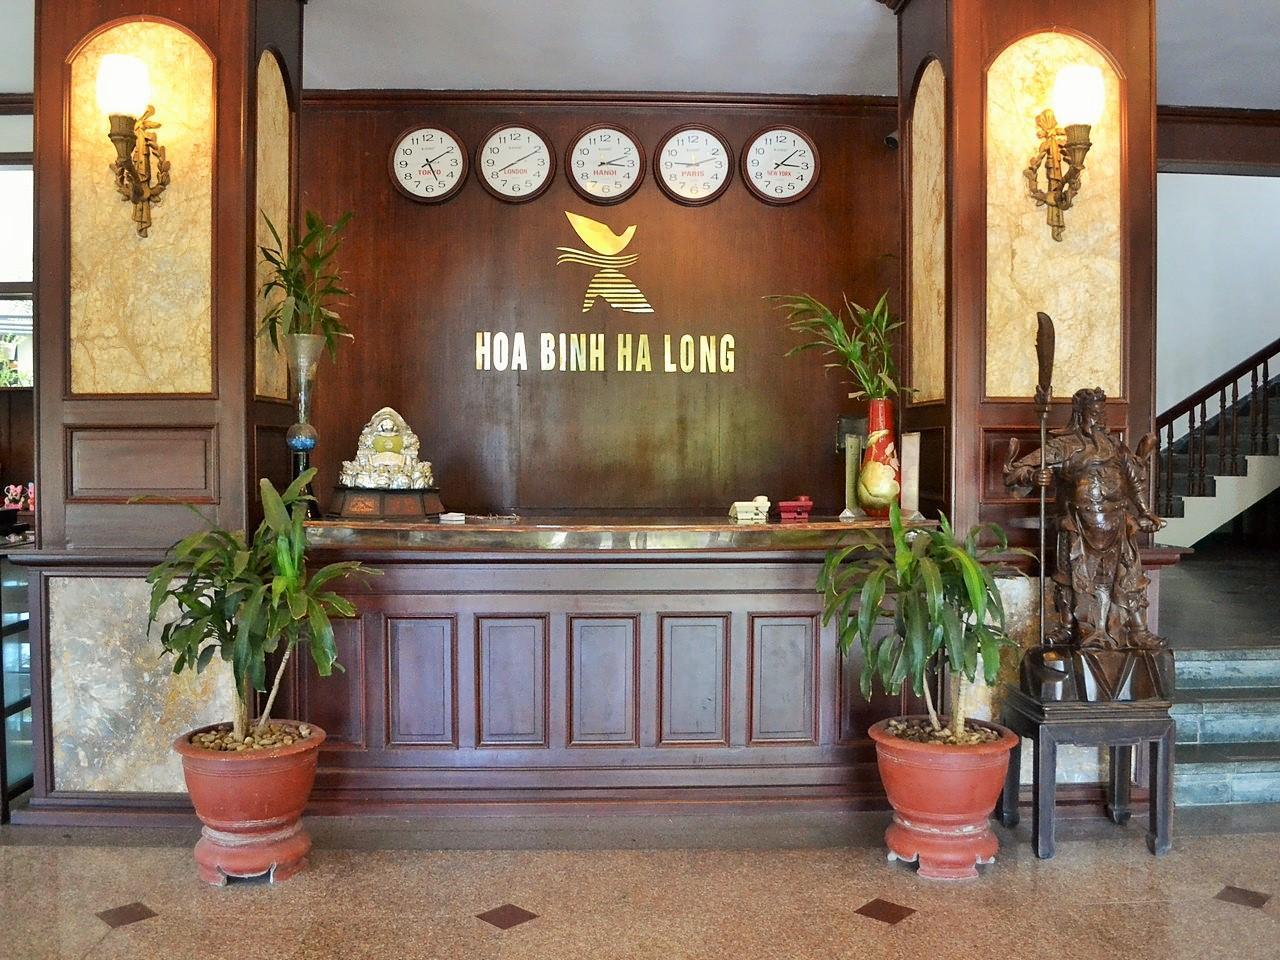 Khách Sạn Hòa Bình Hạ Long